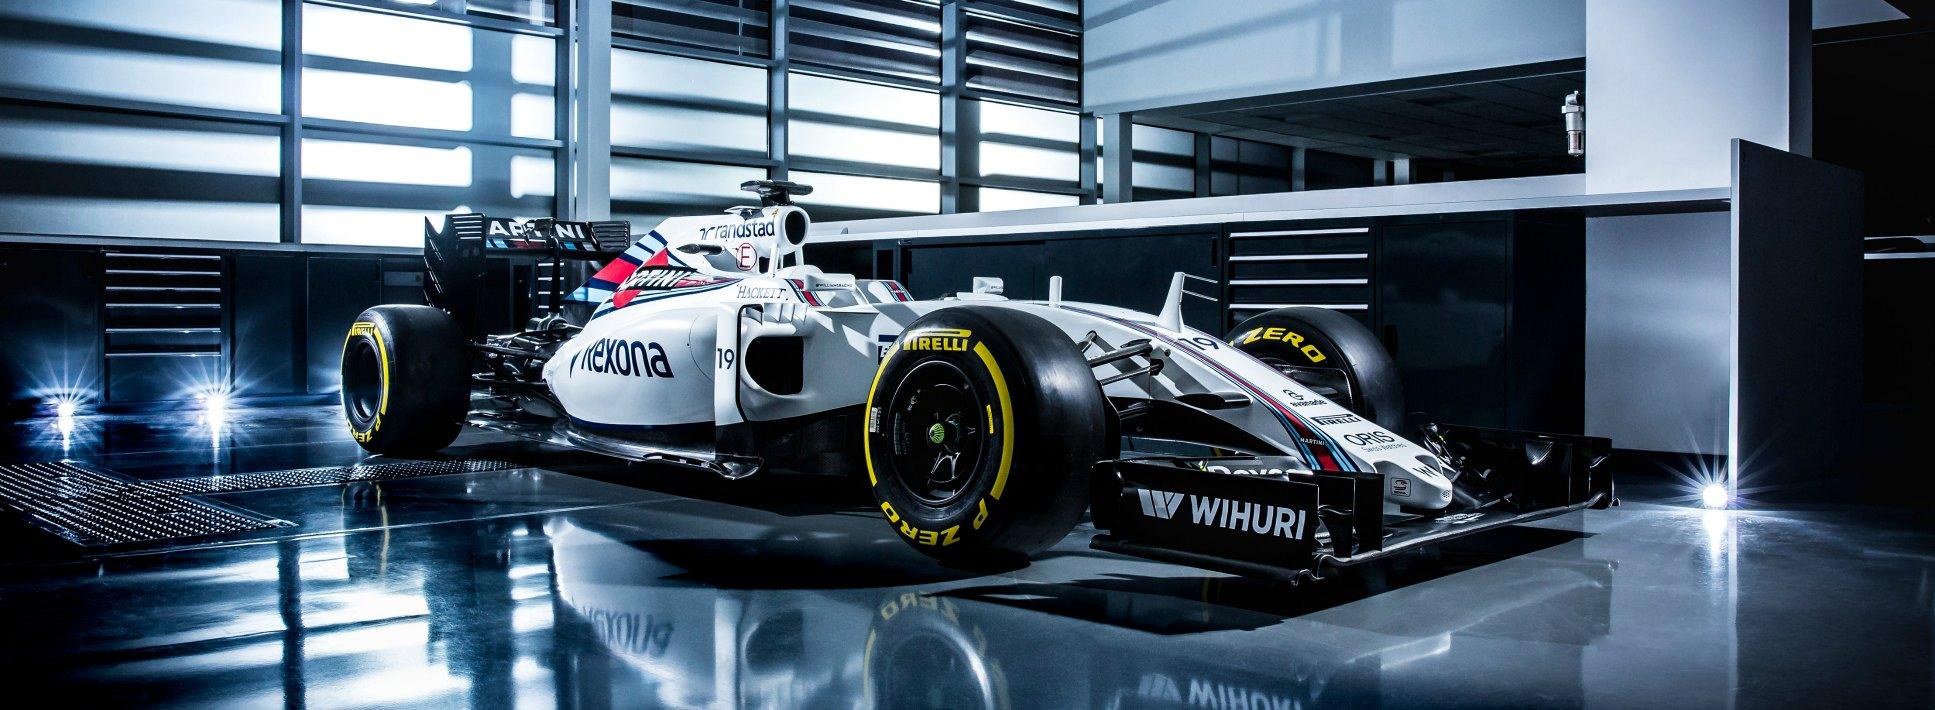 Bemutatták a Williams legújabb F1-es versenygépét: itt az FW38